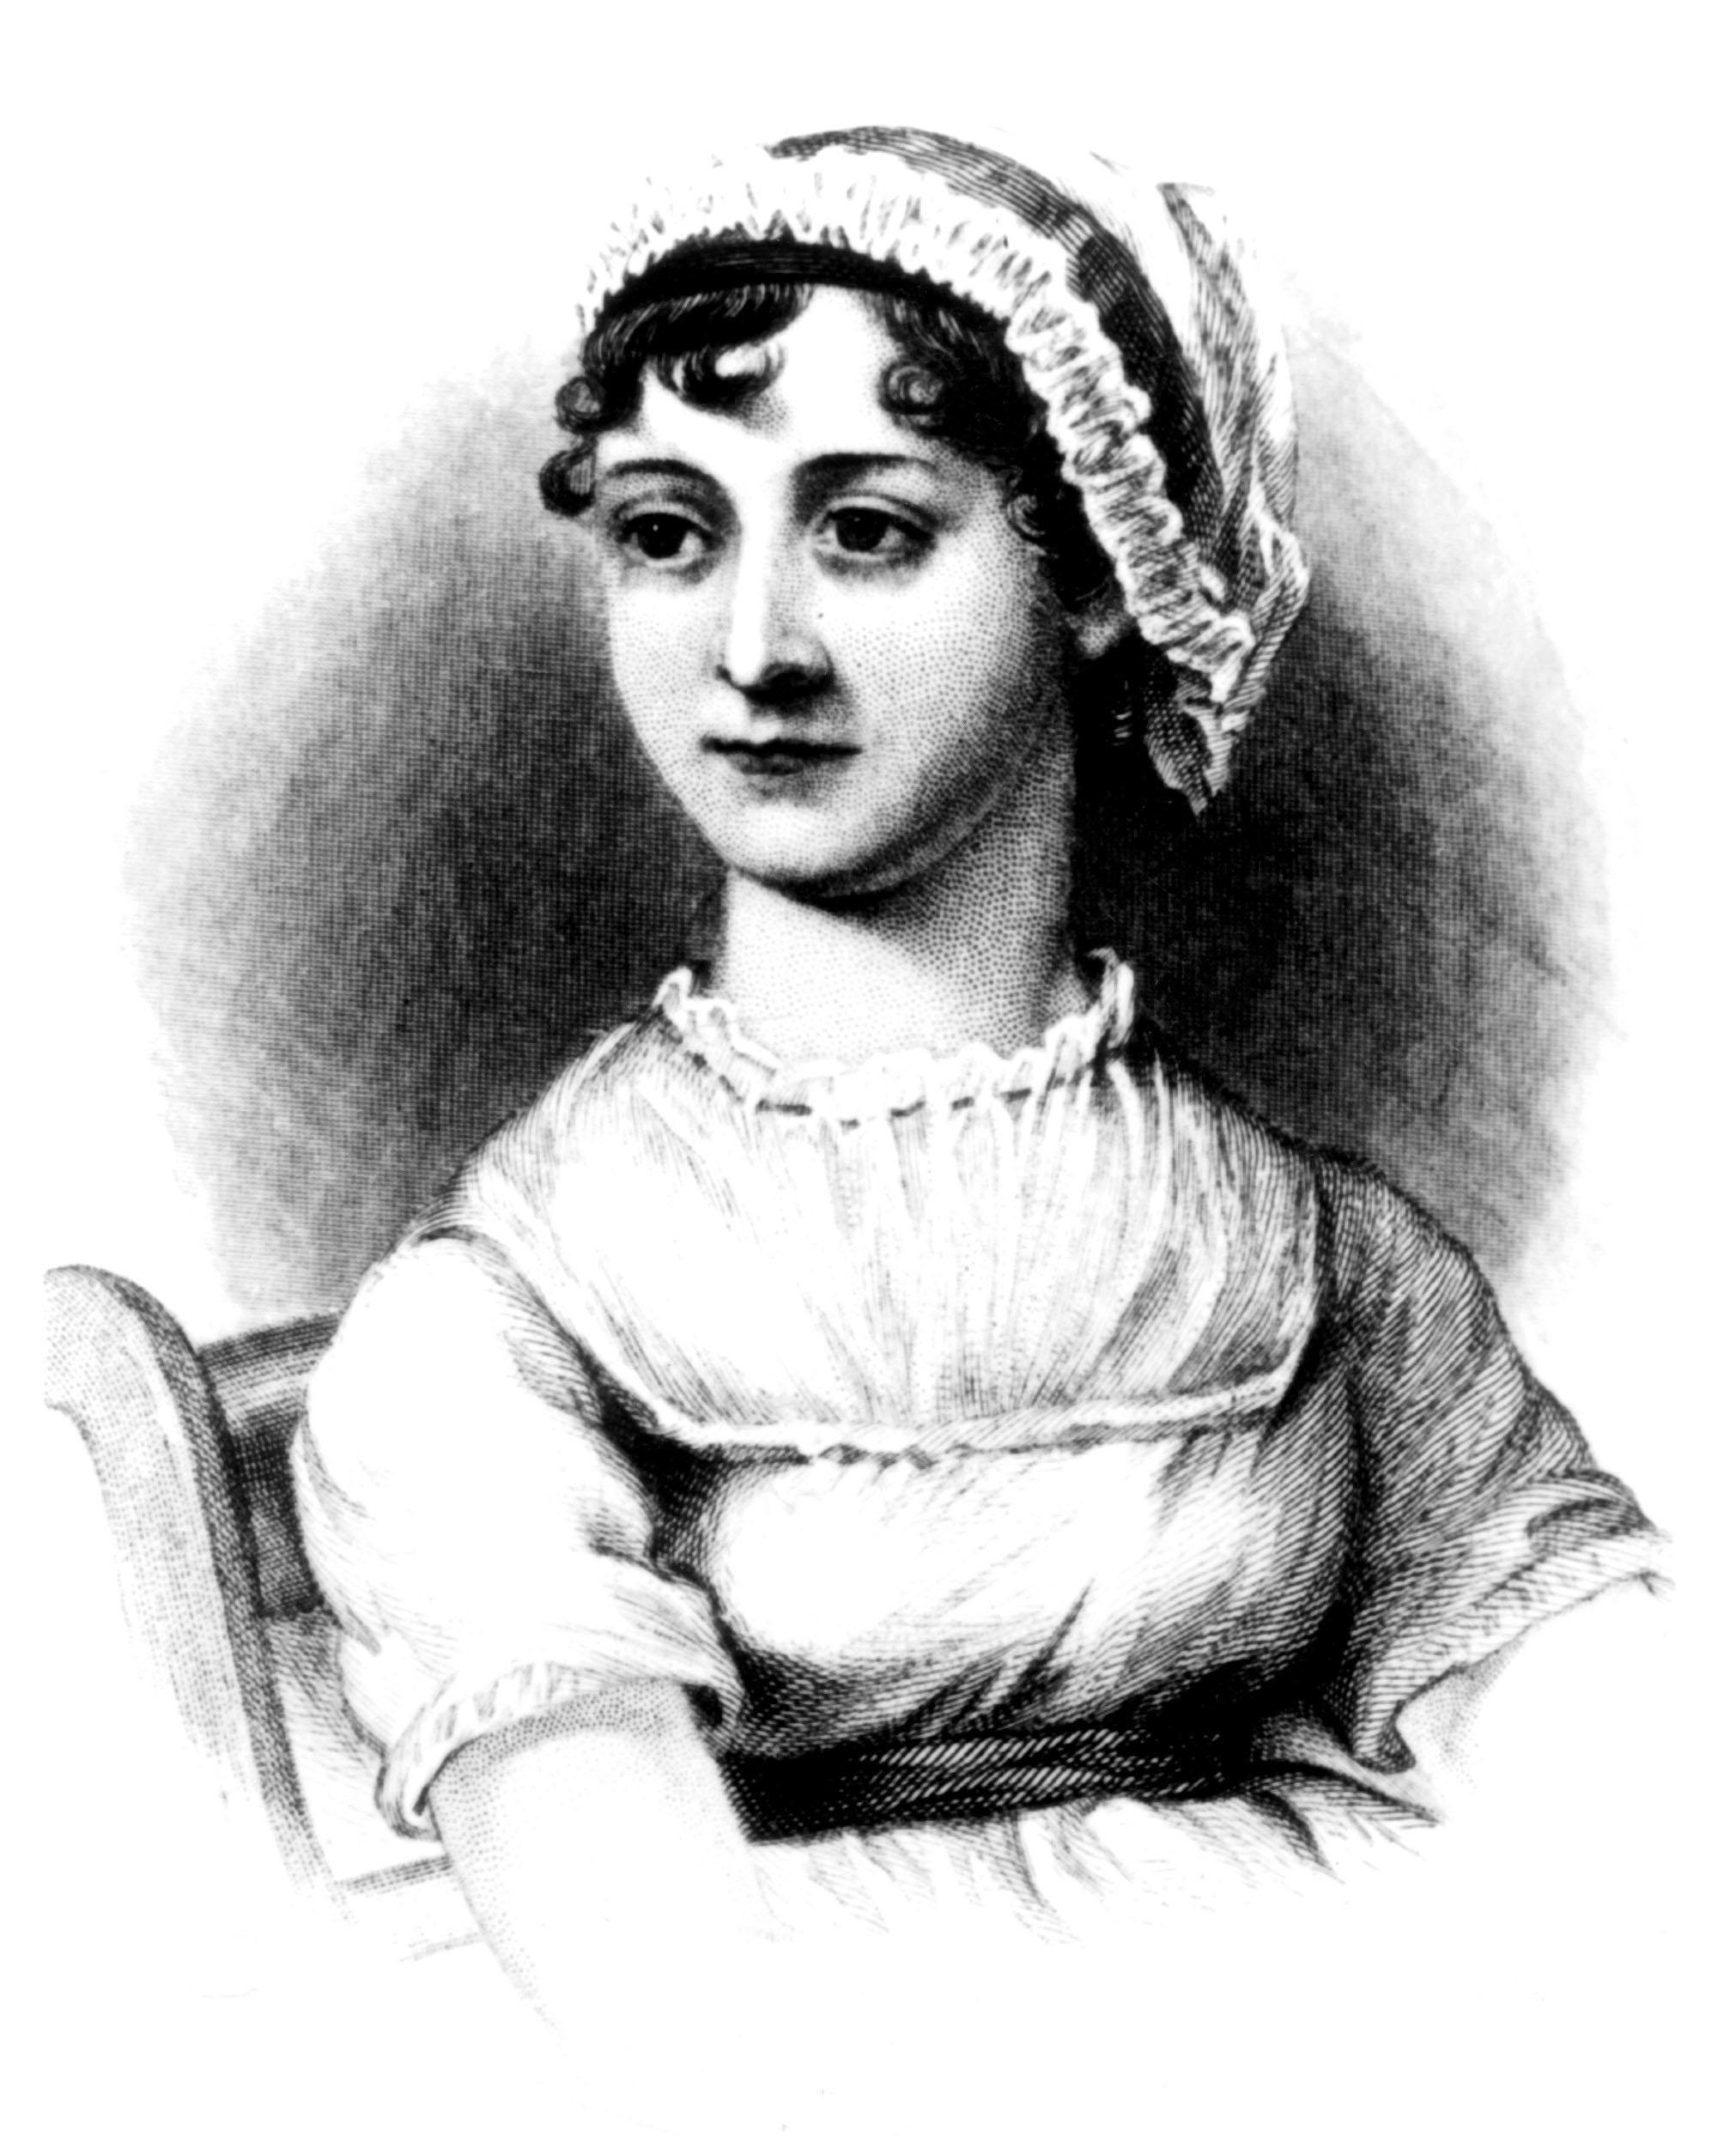 Jane Austen portrait